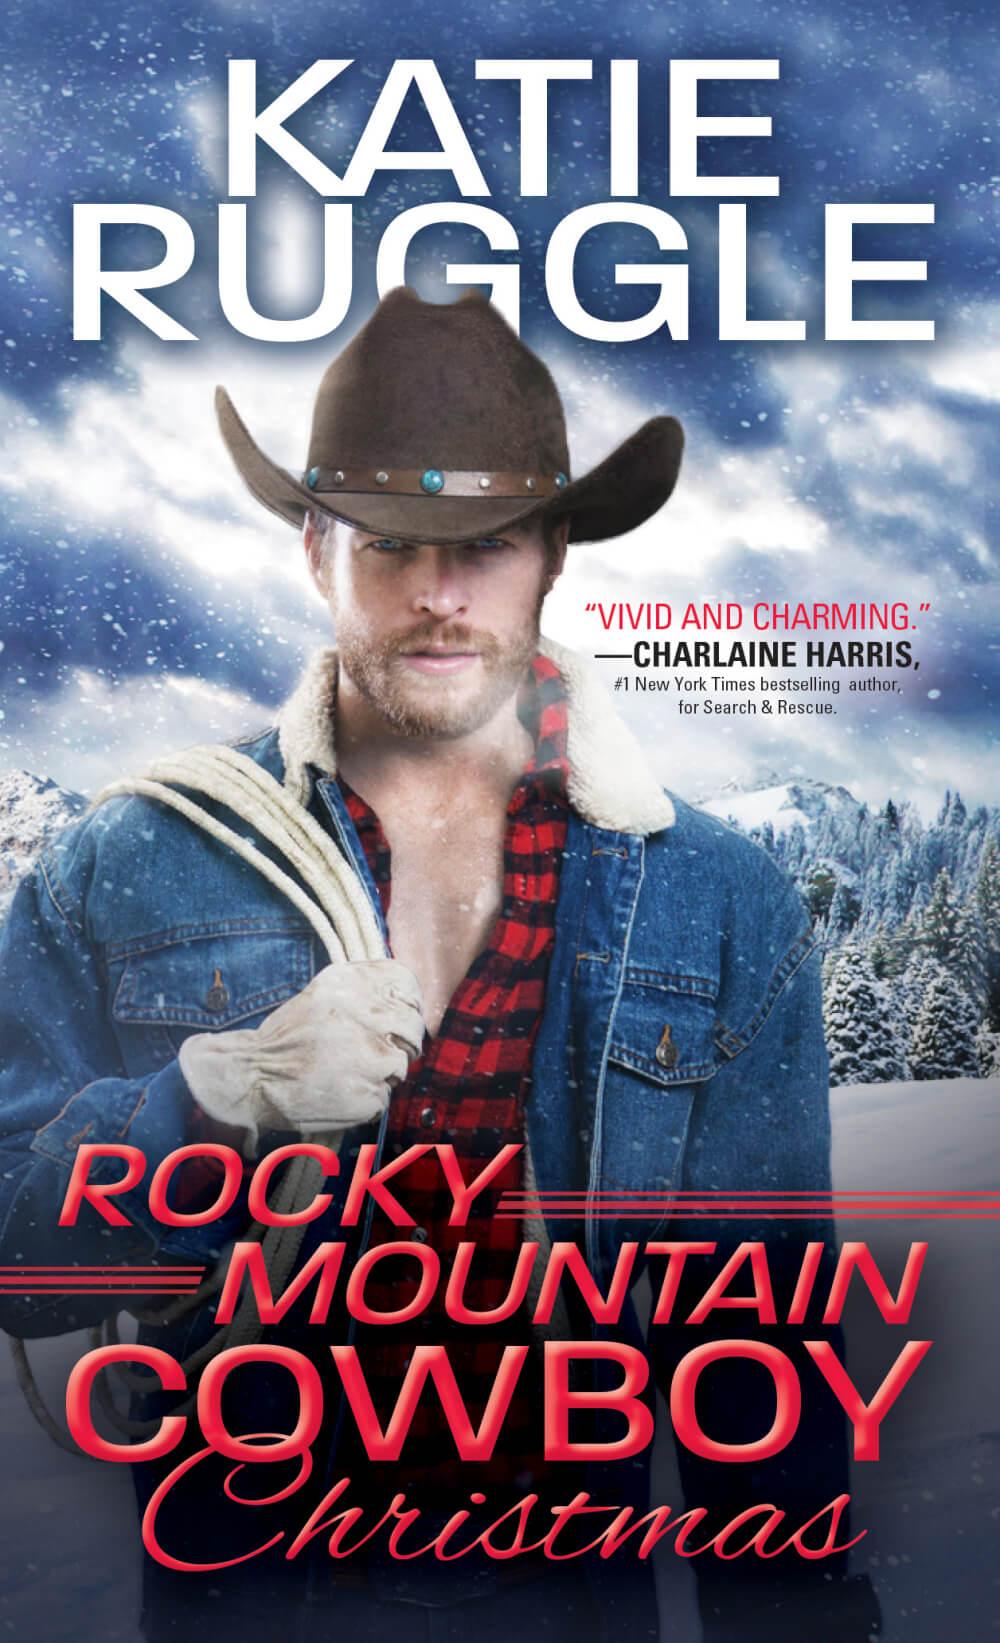 Rocky Mountain Christmas Cowboy